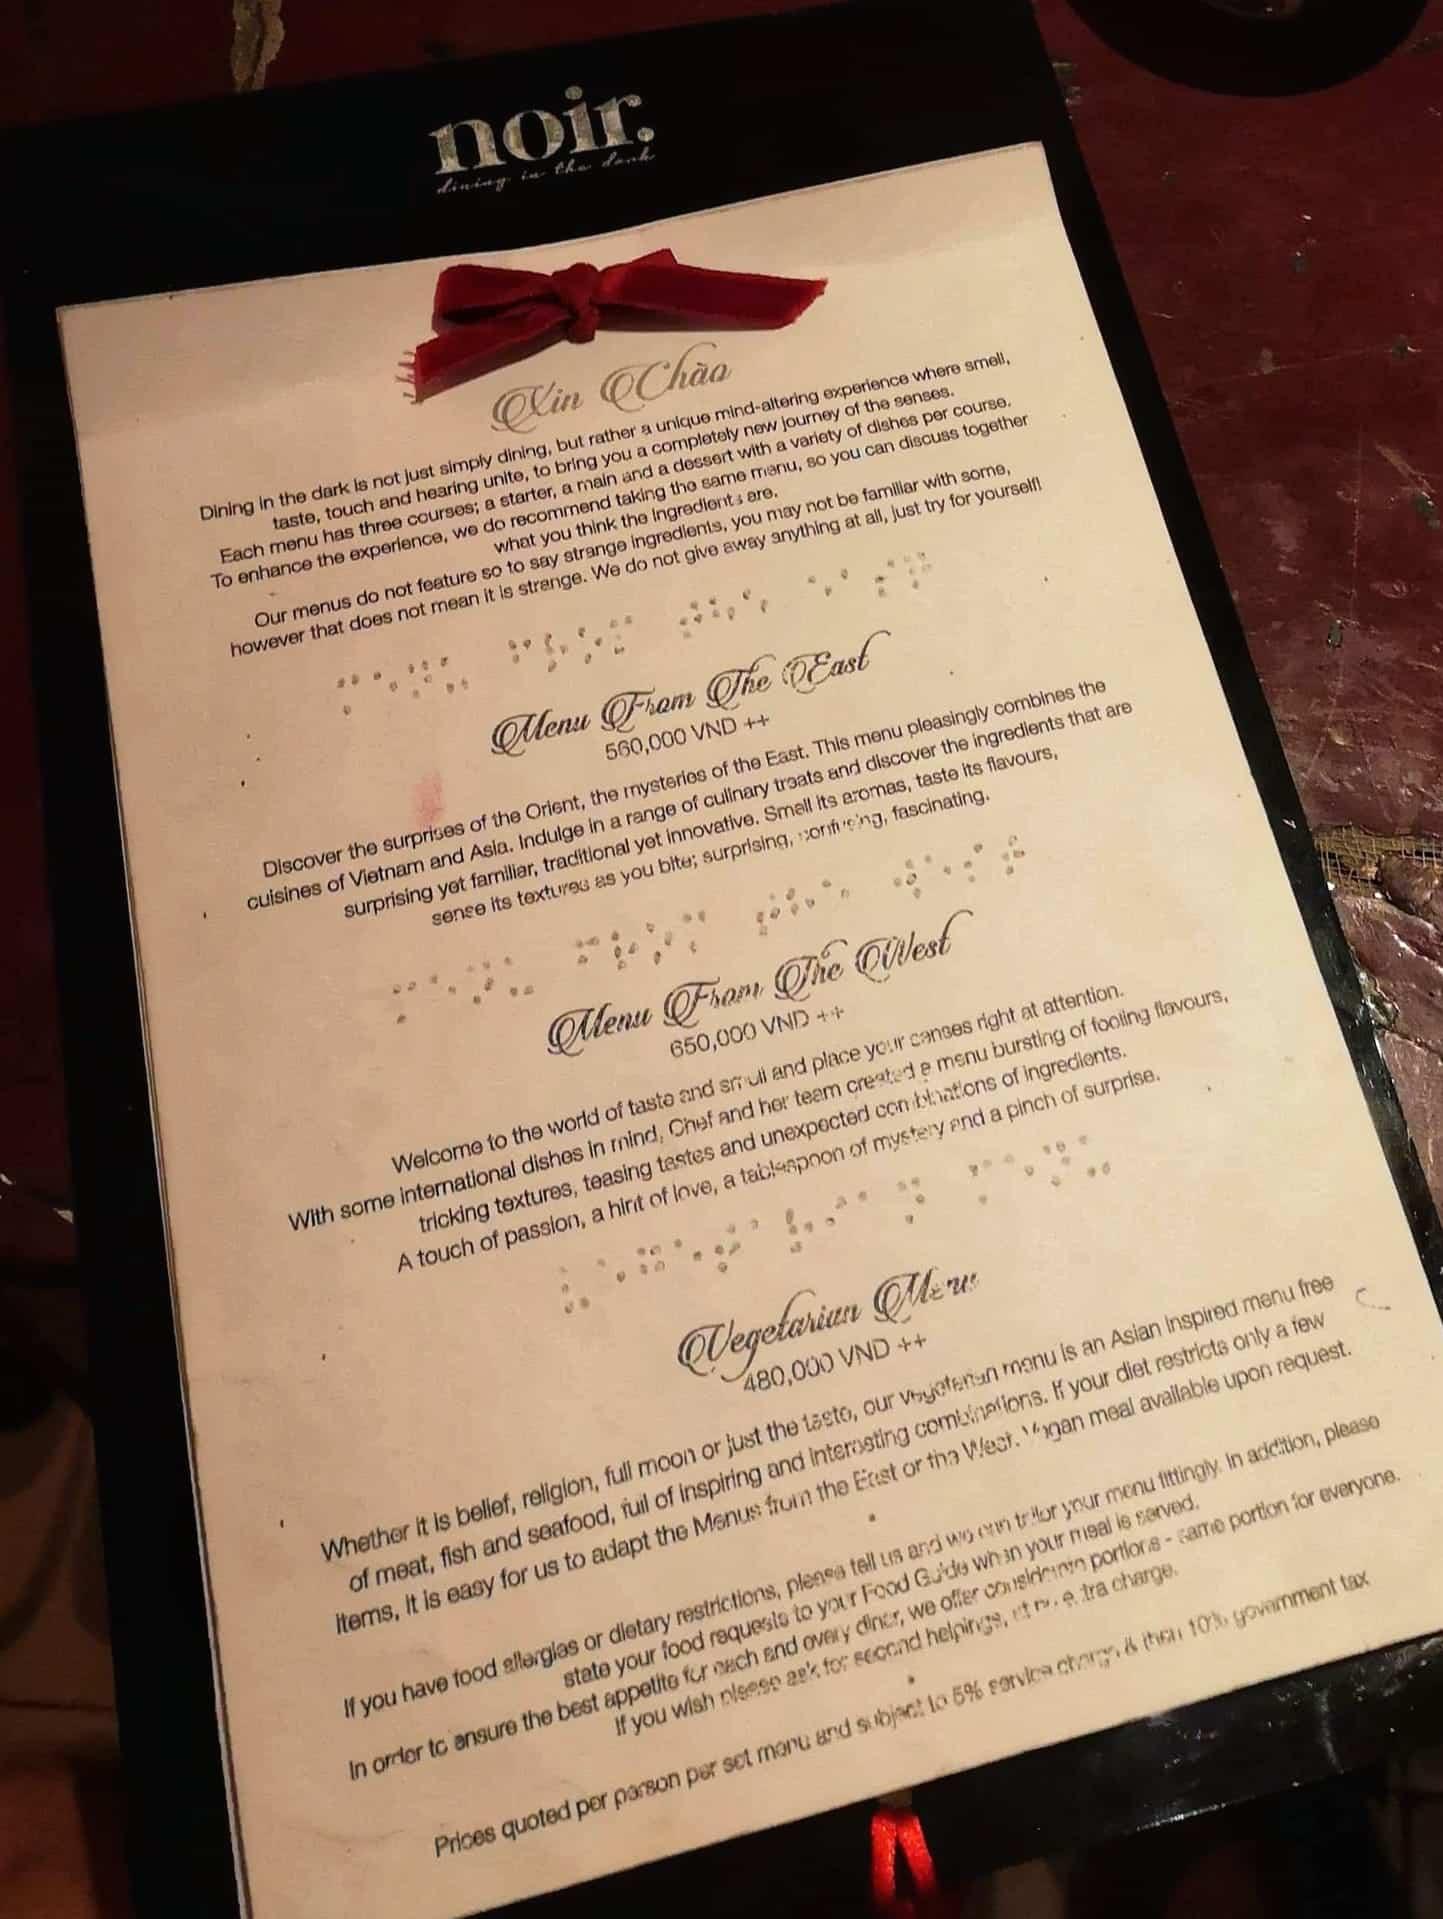 menukort på noir dining in the dark